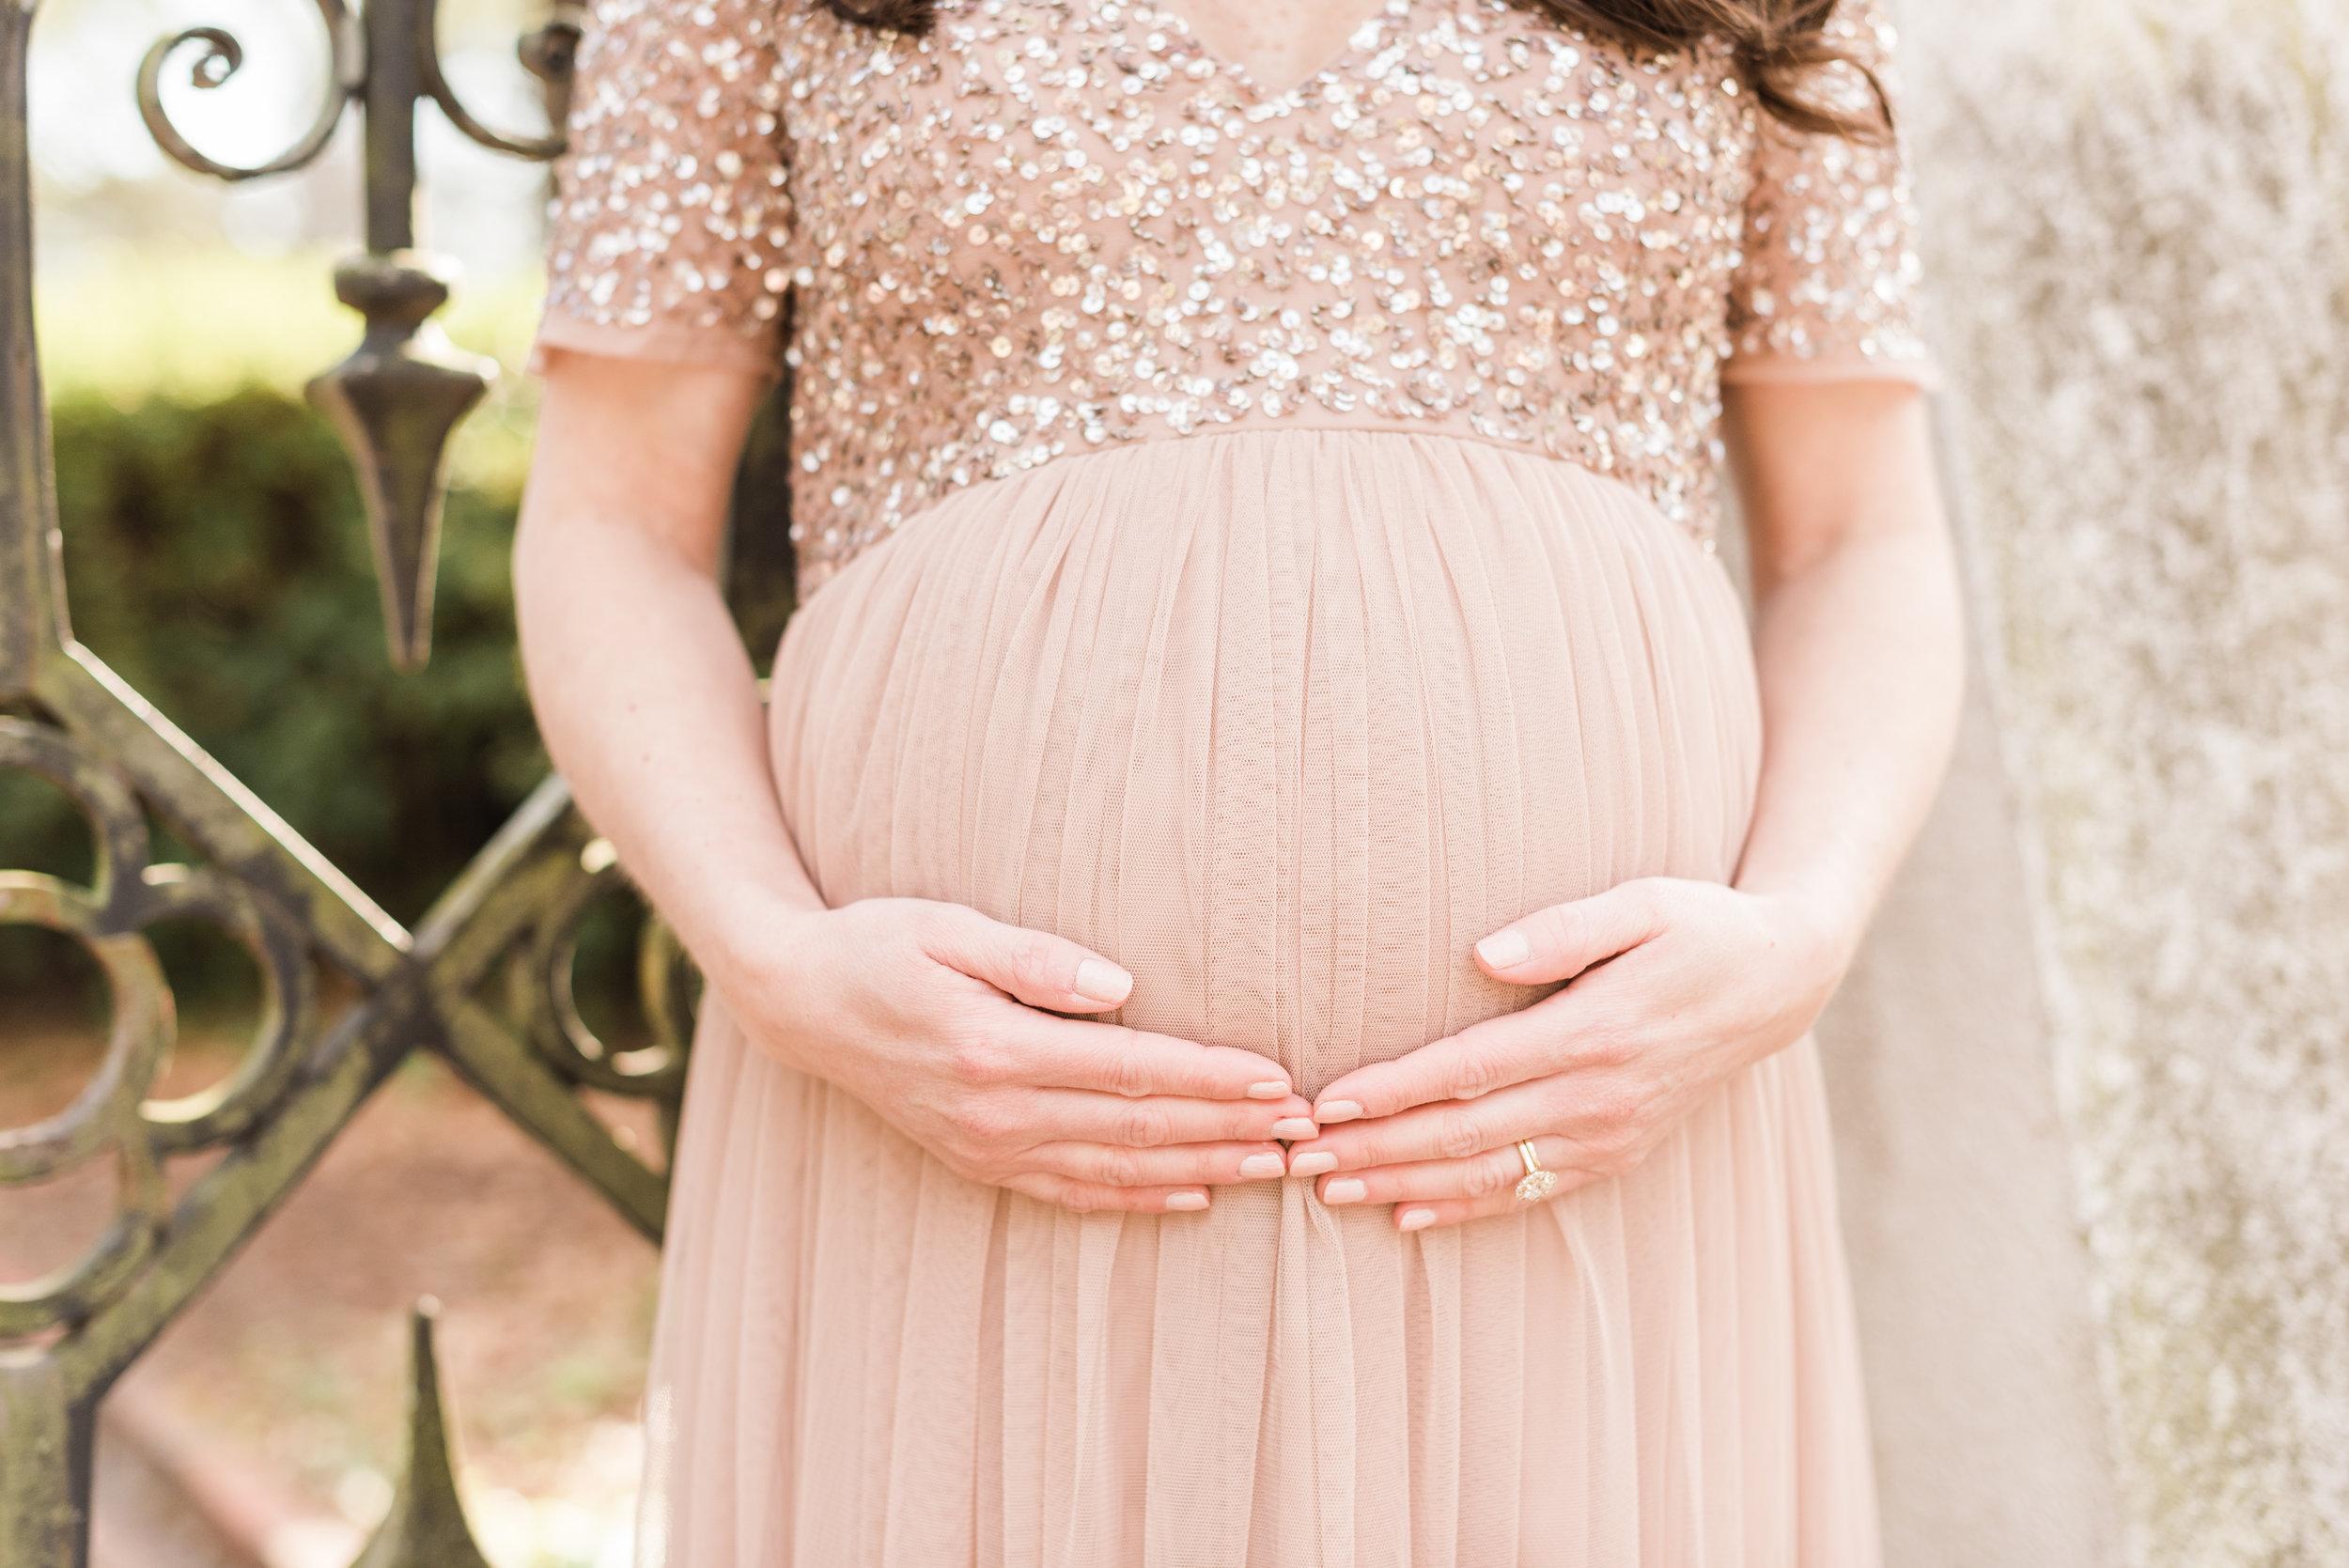 MWP_Hanks_Maternity-56.jpg